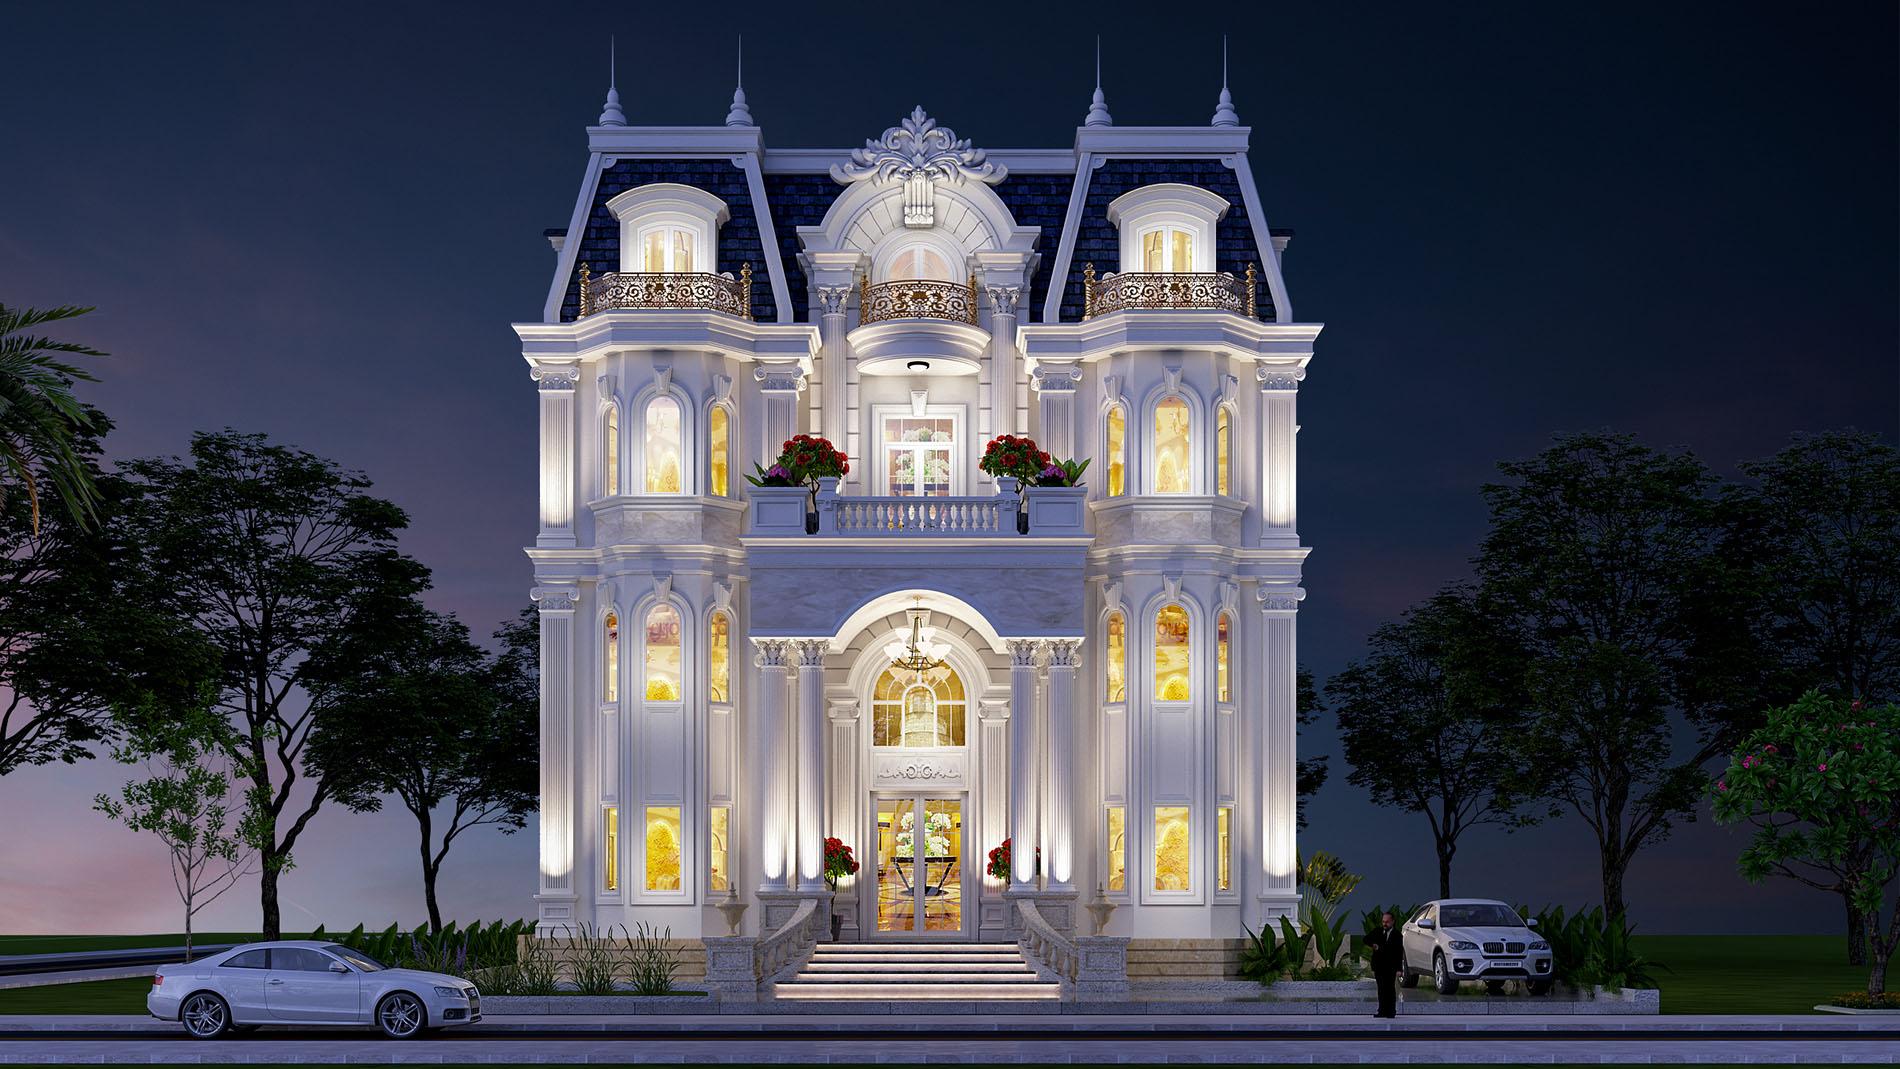 kiến trúc mẫu biệt thự 4 tầng đẹp tại vũng tàu